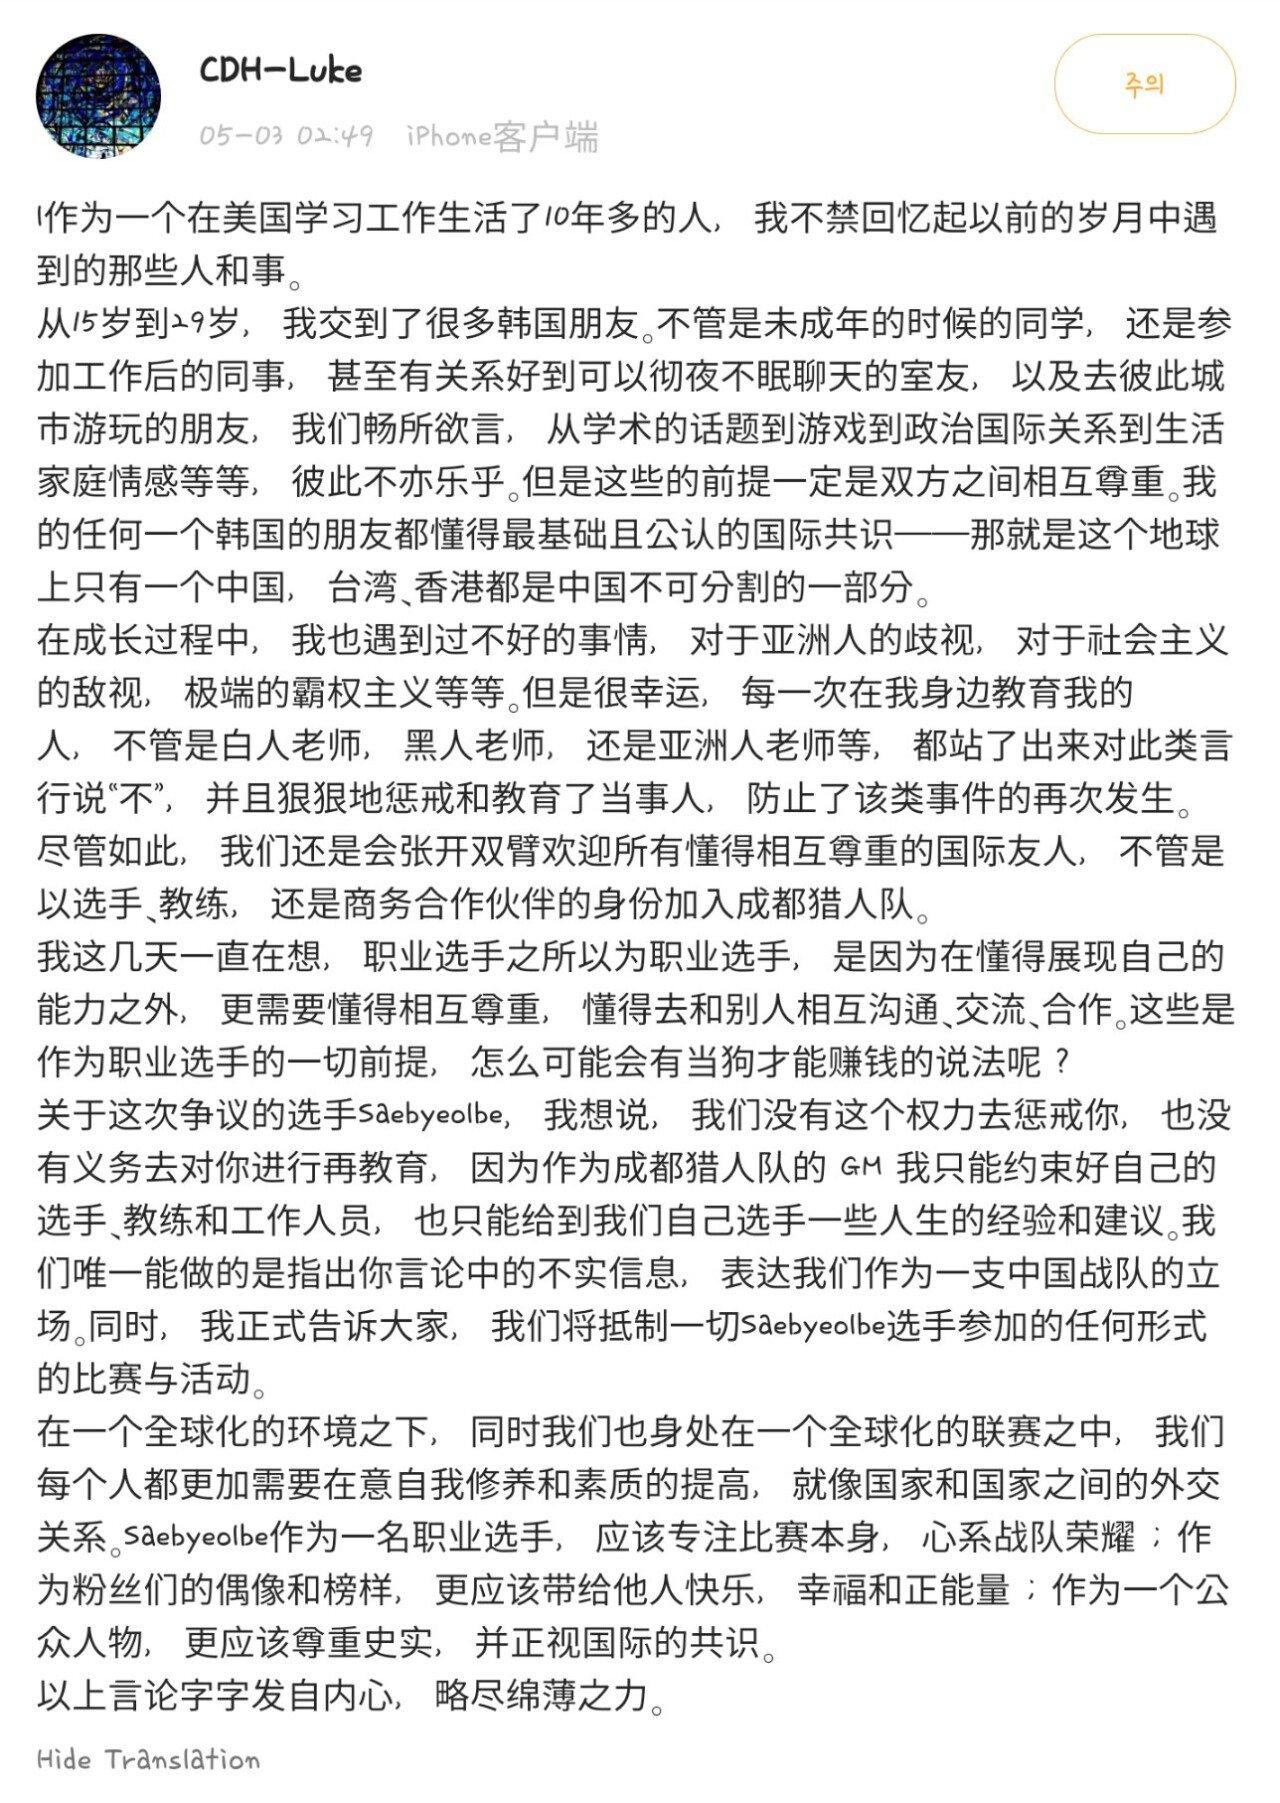 5.jpg 실시간) 오버워치 한국 선수 상대로 보이콧 하는 중국 구단팀들 ㄷㄷ...jpg